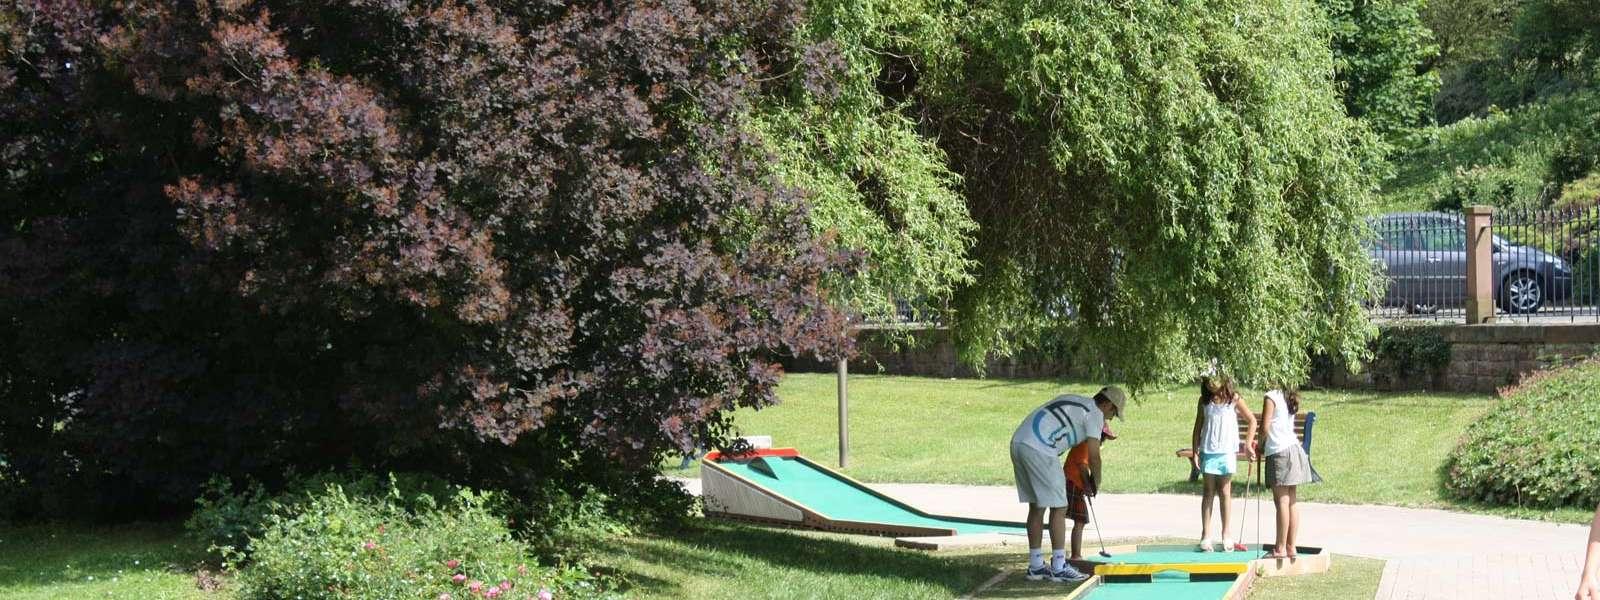 Golf sur piste, 18 trous, Niederbronn-les-Bains, Alsace